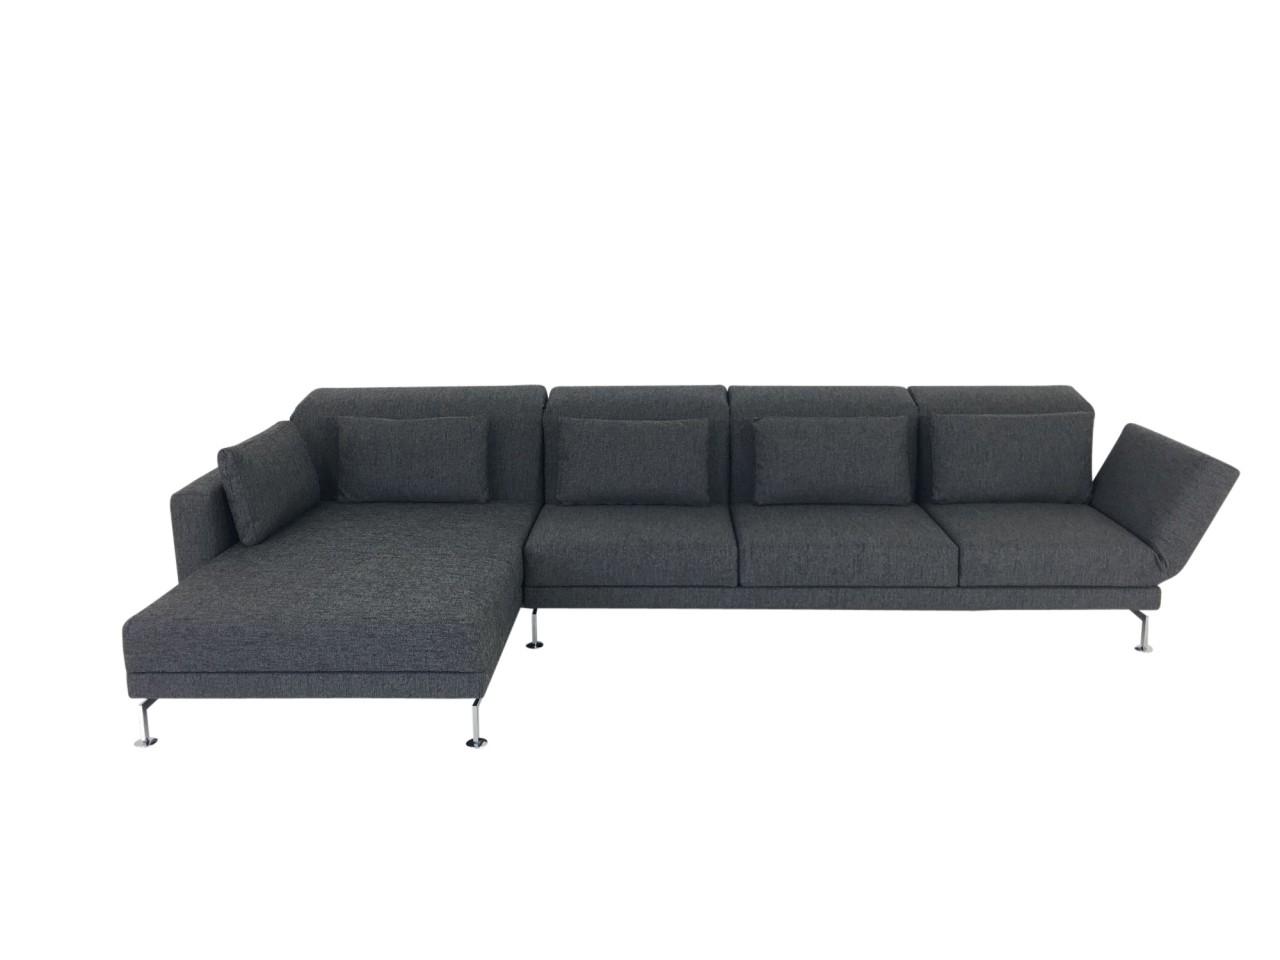 Brühl MOULE MEDIUM Sofa 3 mit XL Recamiere in Stoff anthrazit und Drehsitz rechts